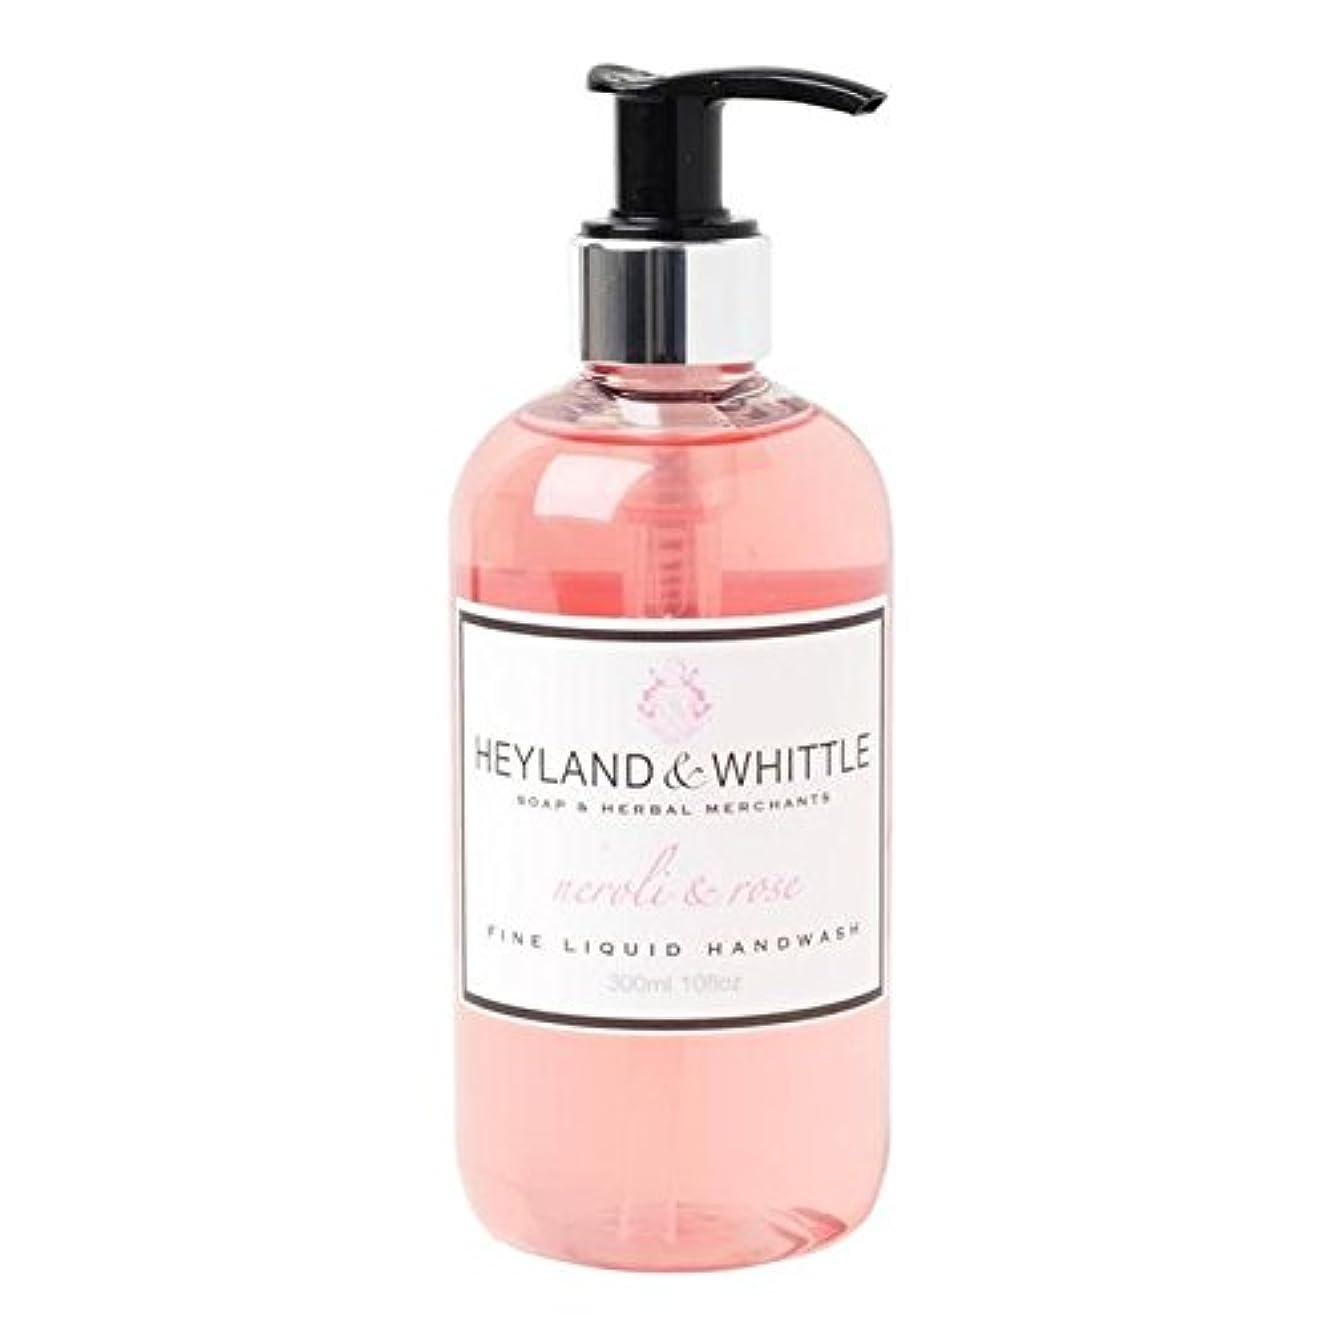 関係ないタイル遠近法&削るネロリ&手洗いの300ミリリットルをバラ x4 - Heyland & Whittle Neroli & Rose Handwash 300ml (Pack of 4) [並行輸入品]